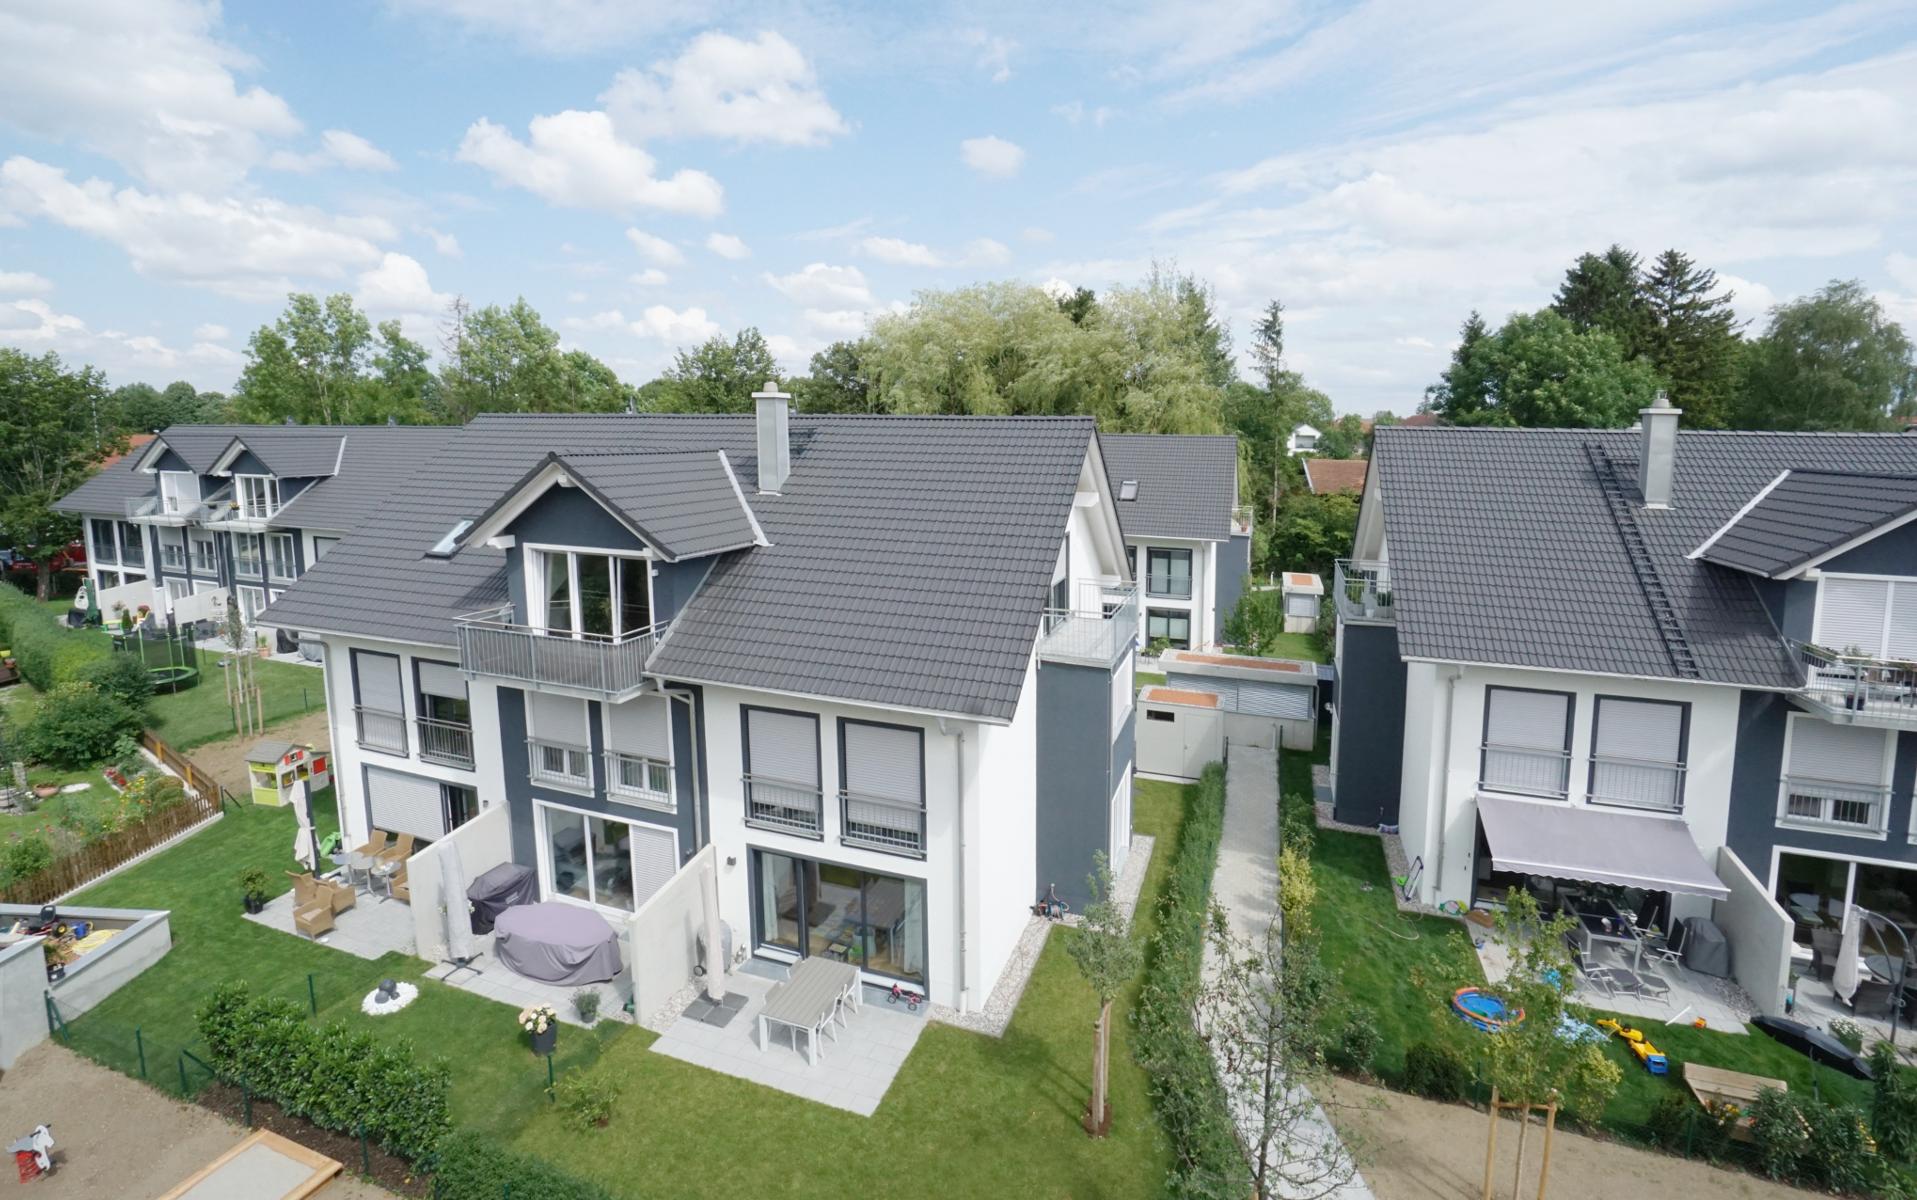 LHOMES_Taufkirchen_Häuser_Gallerie_Aufsicht_1920x1200